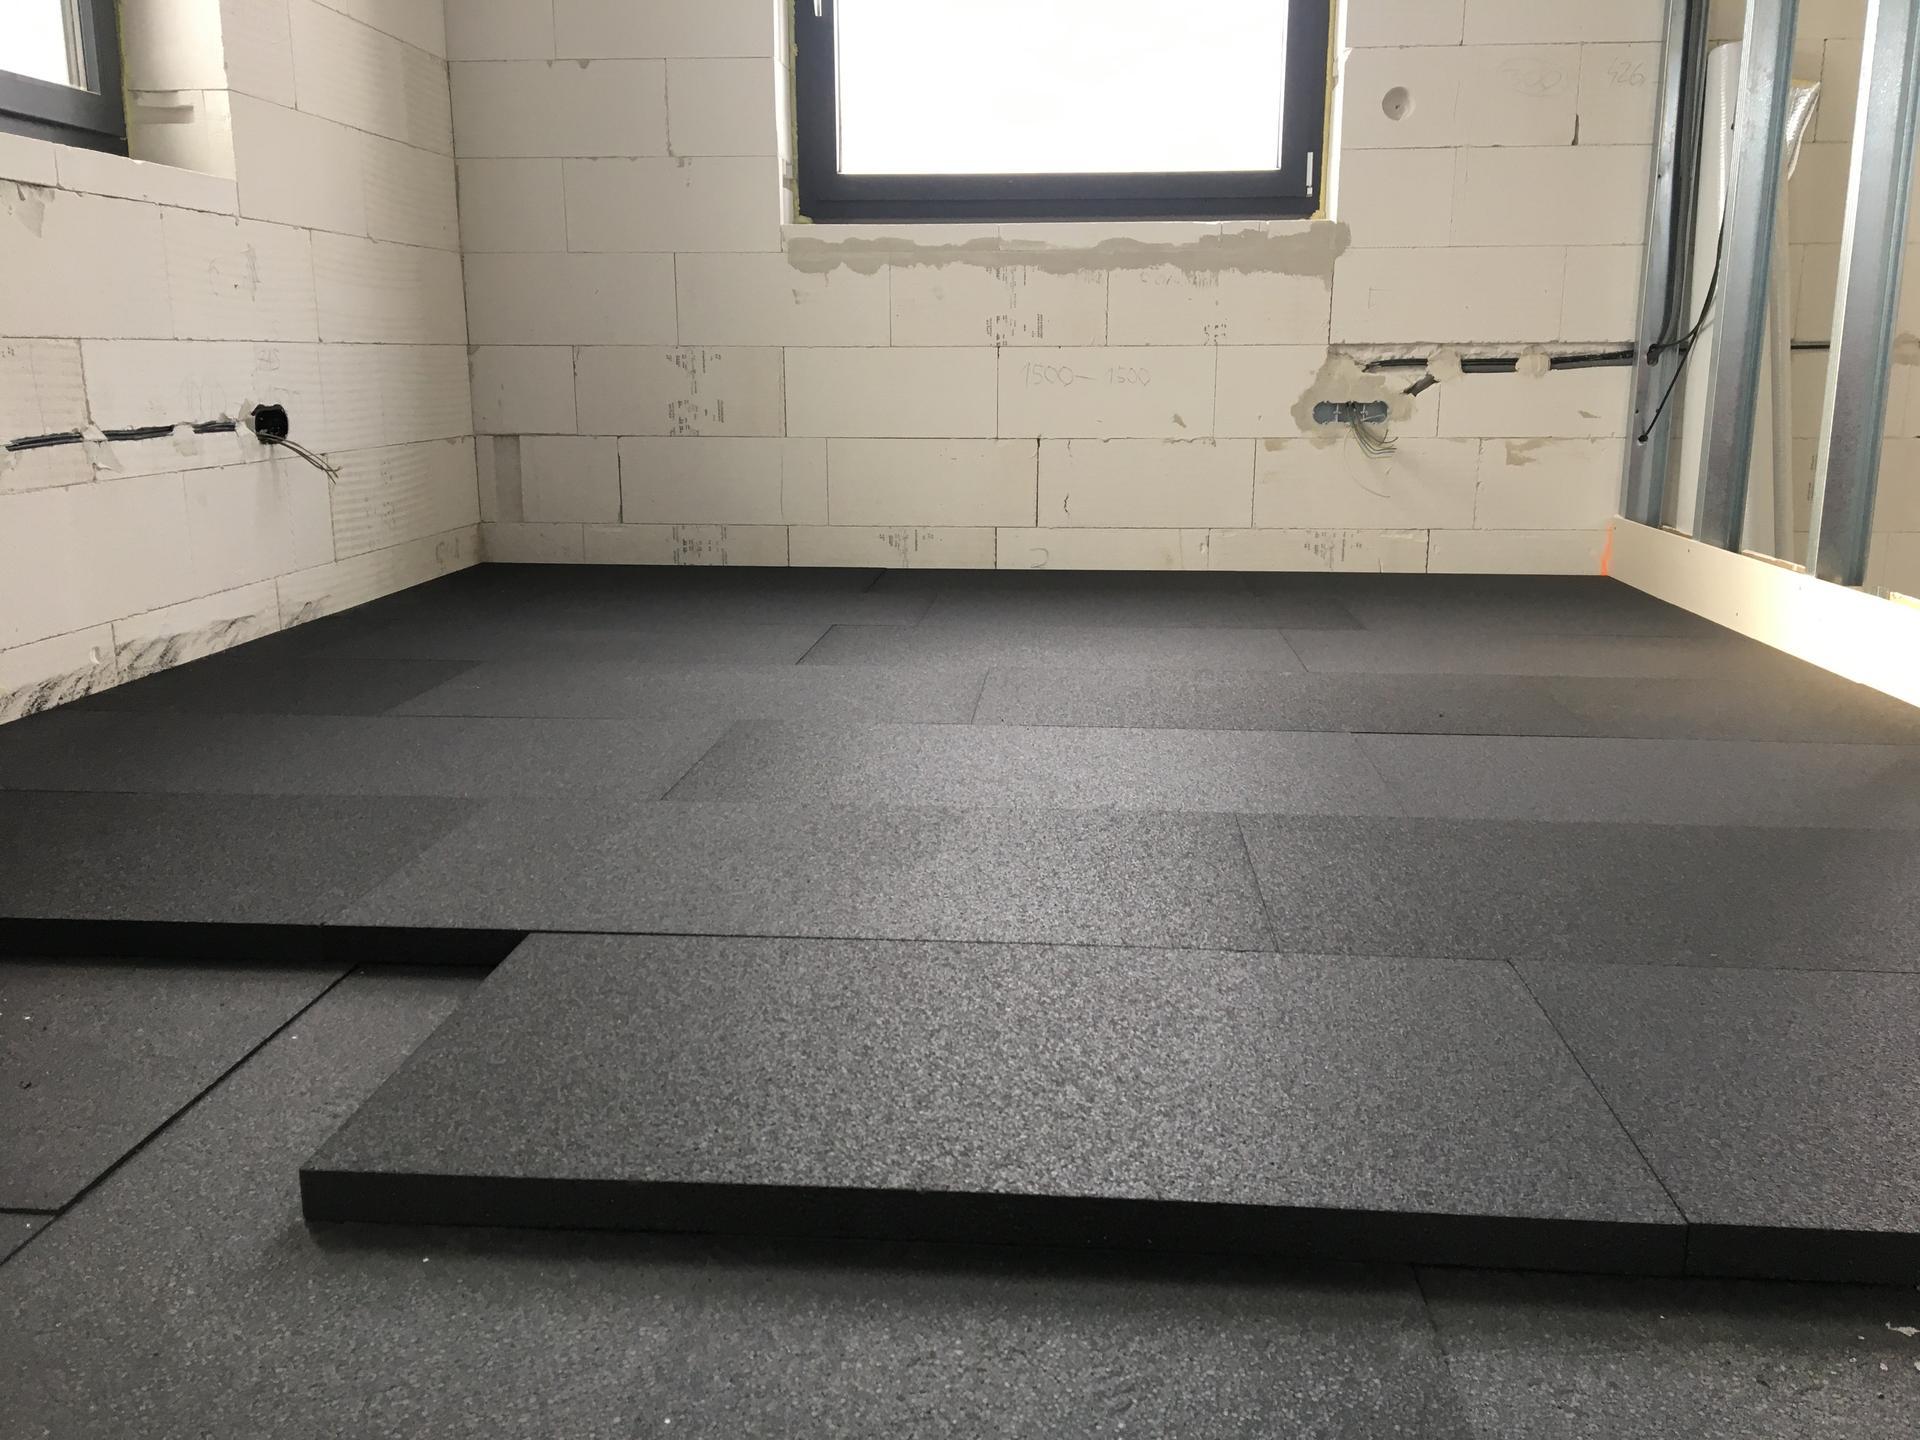 Dům do L - stavba 2020/2021 - Únor 2021 - pokládka podlahového polystyrenu